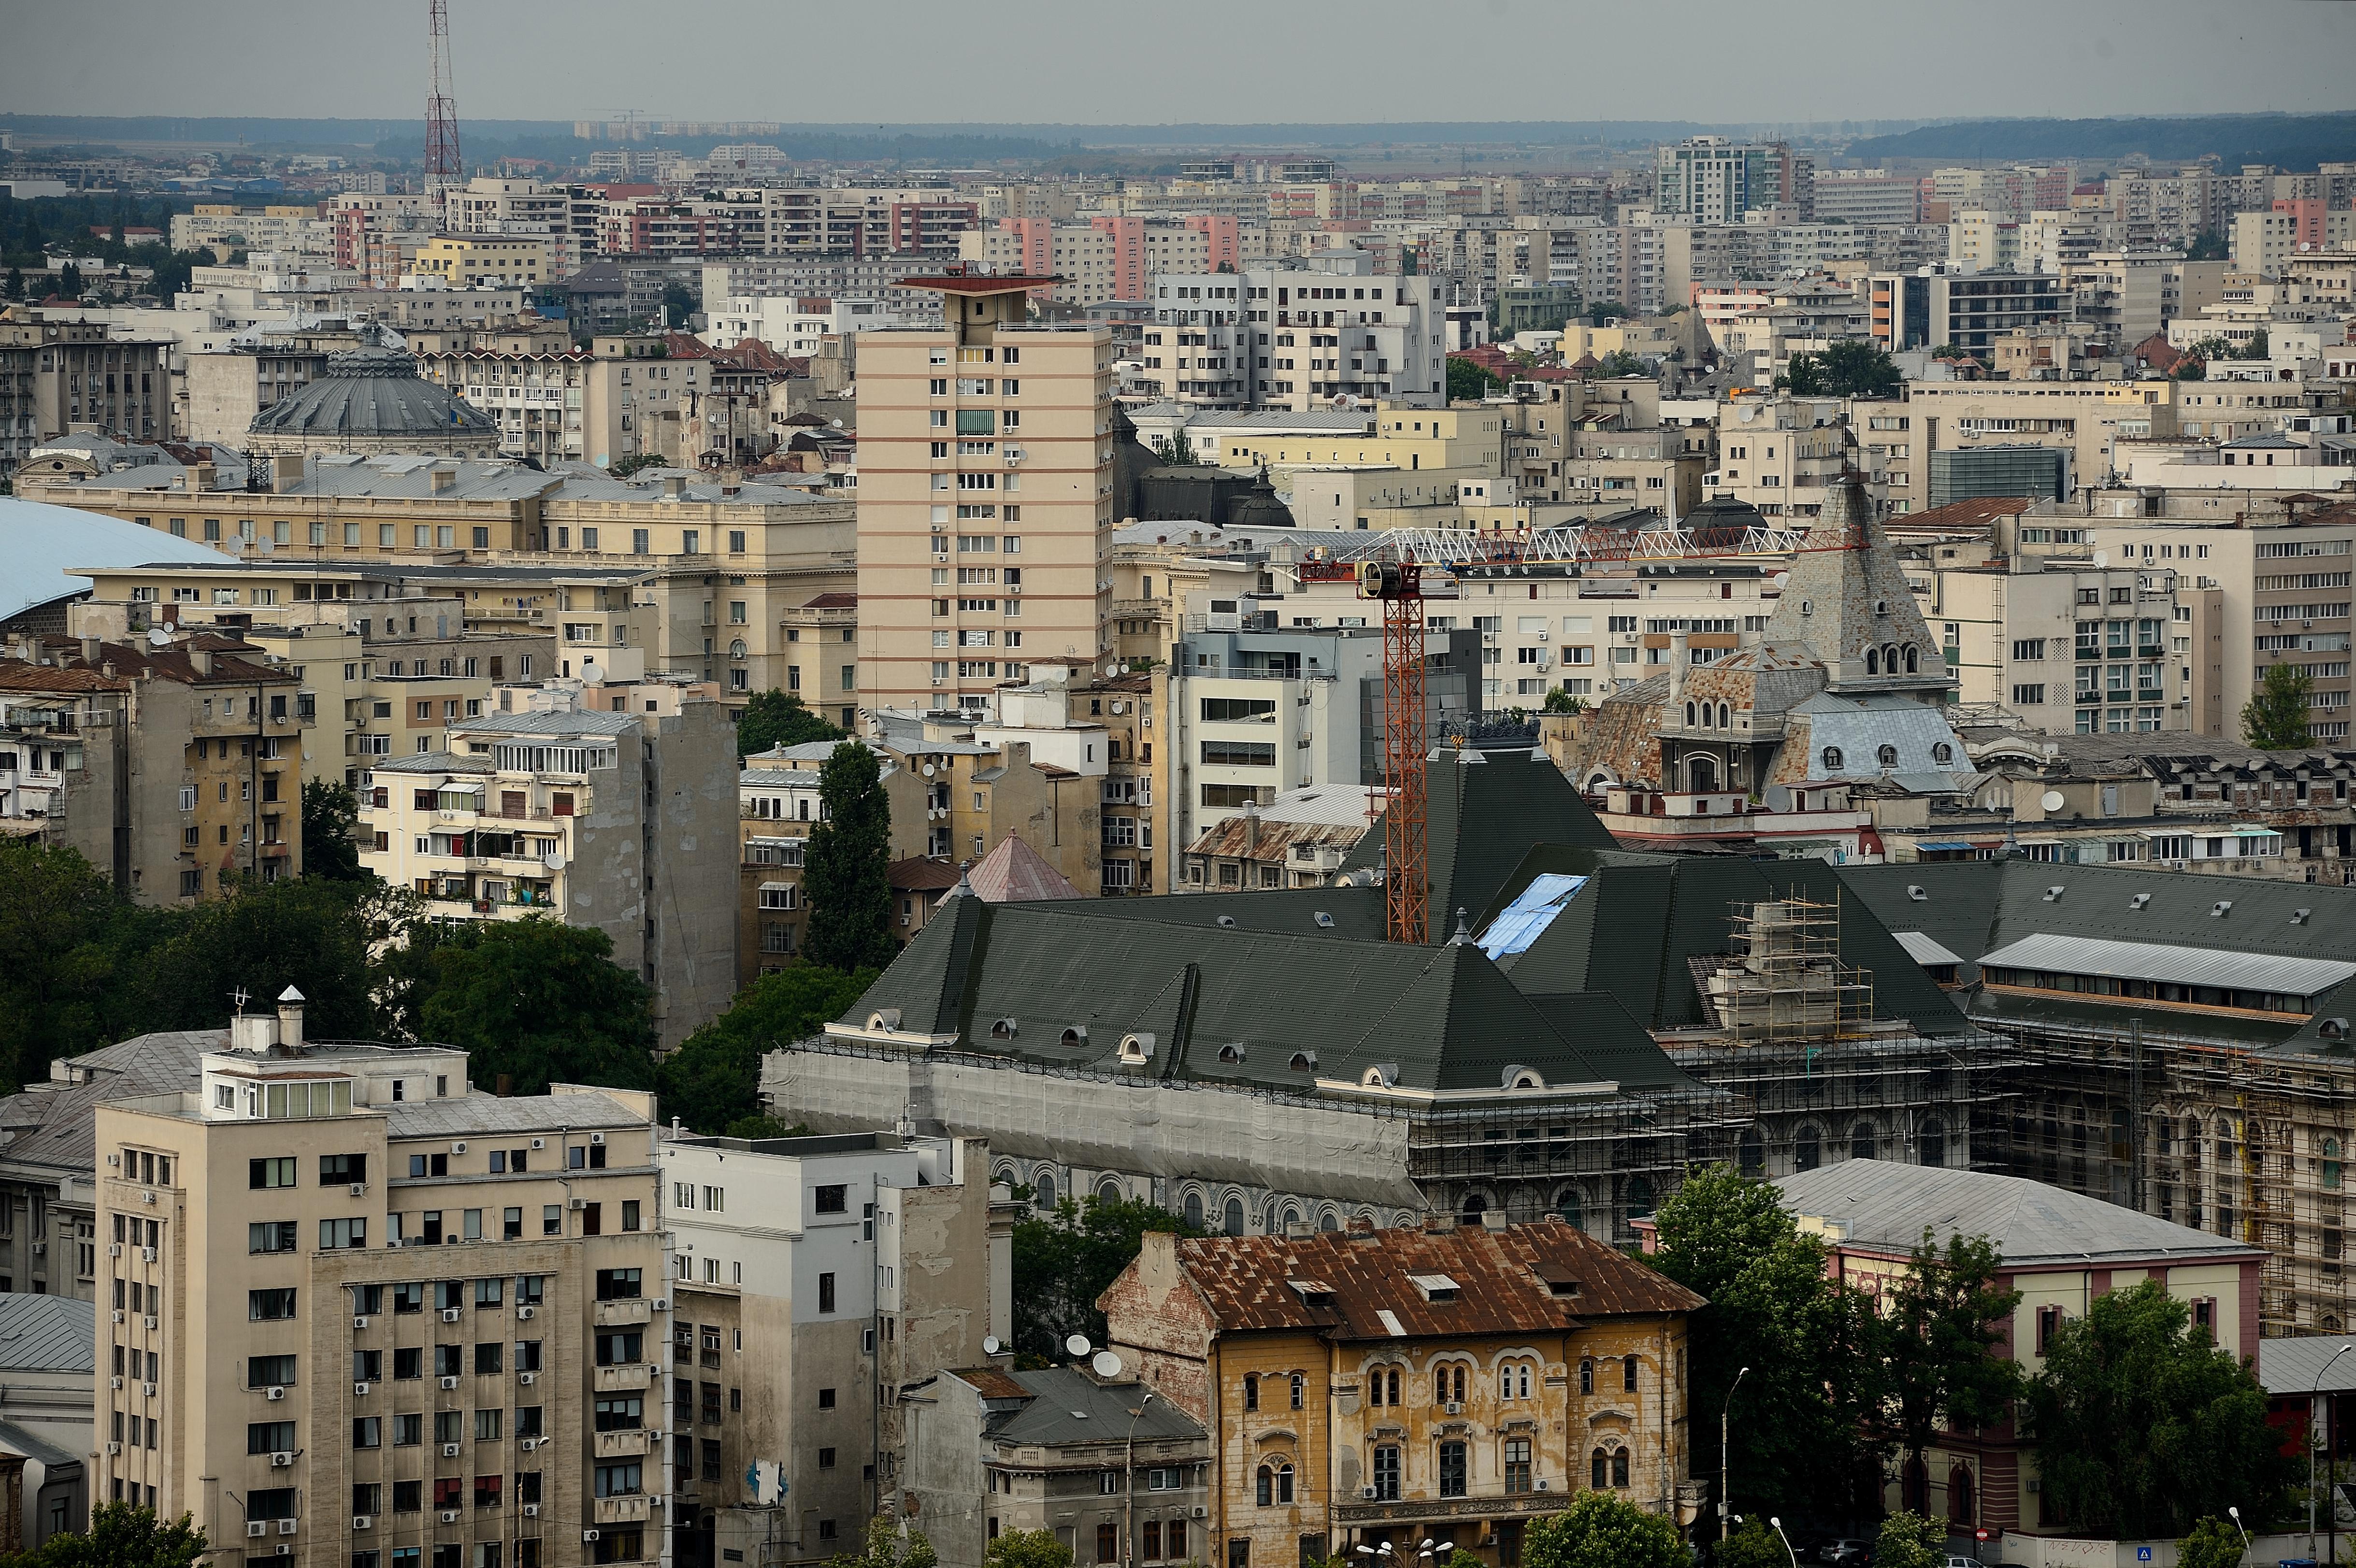 Ministrul Mediului, despre poluare: Responsabilitatea calităţii aerului le revine primarilor/ Comisia Europeană a convocat România şi alte opt state din cauza poluării